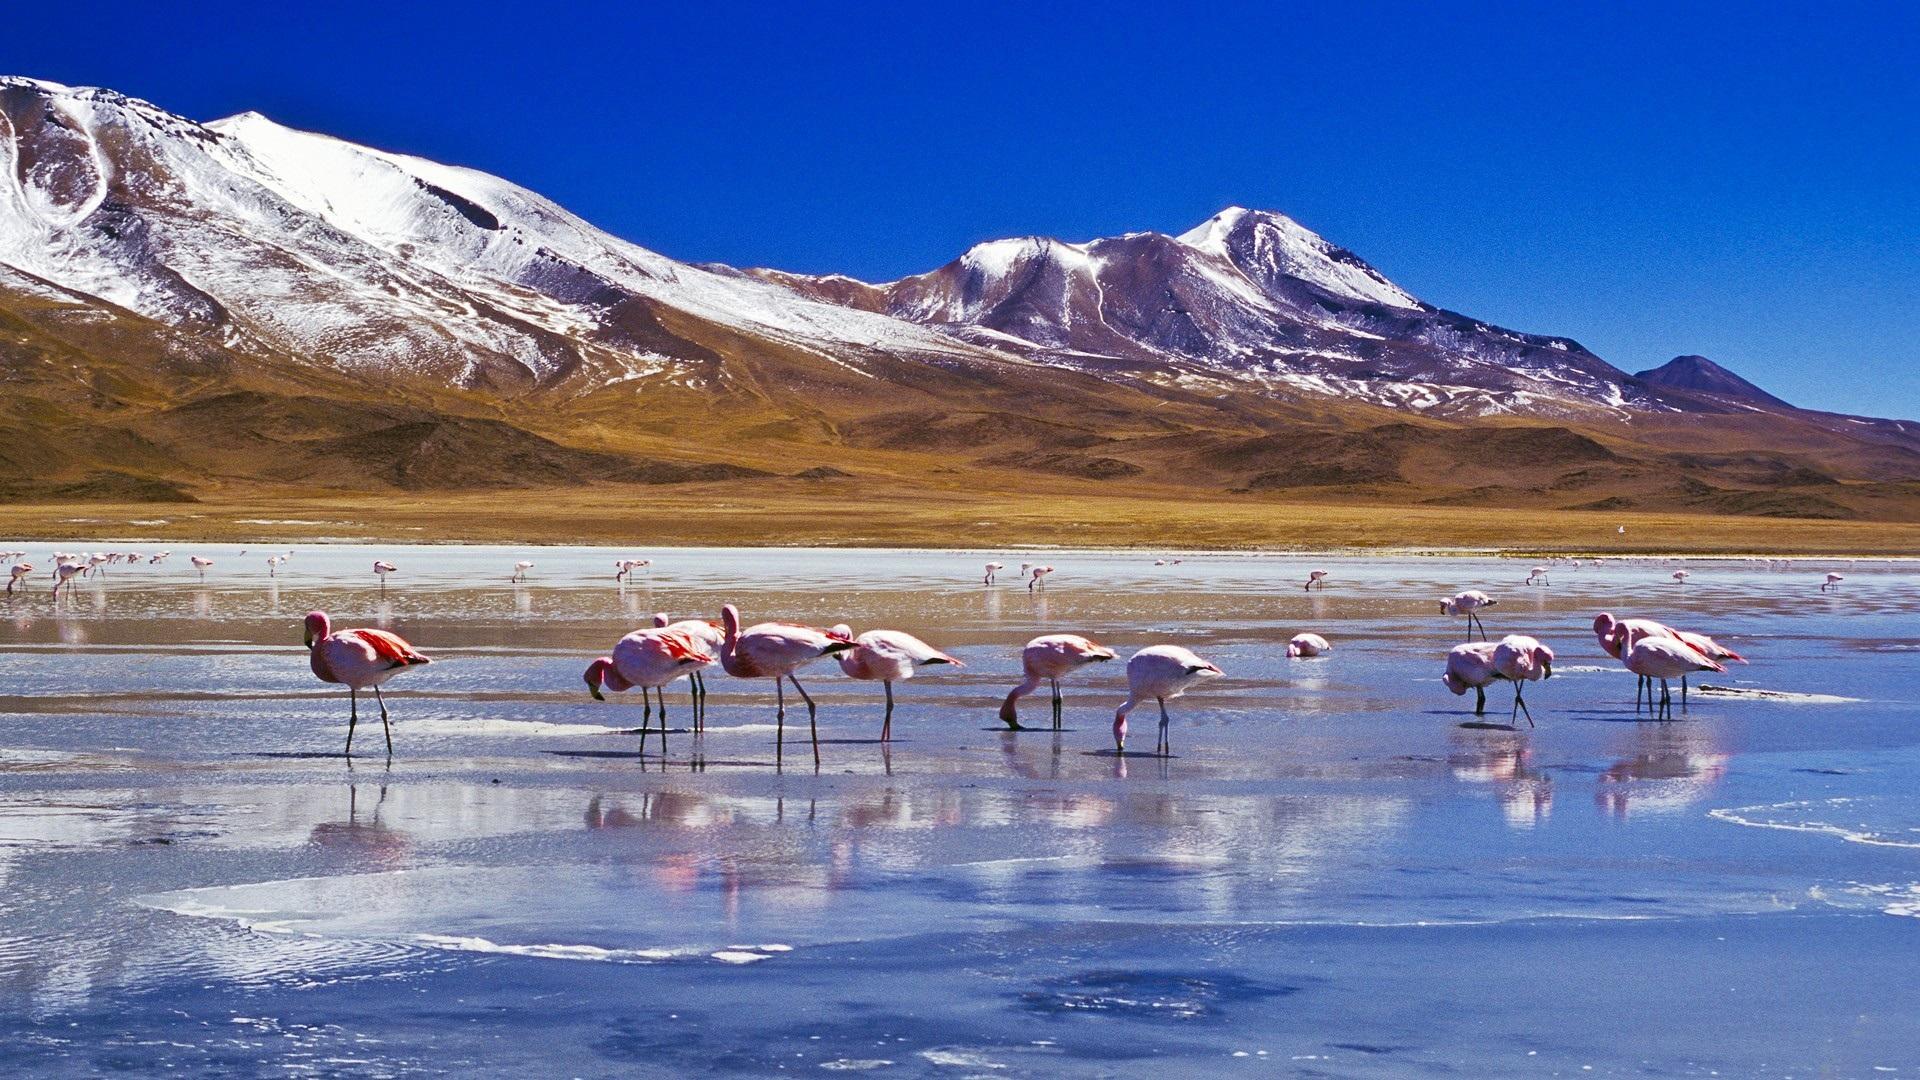 Lago Con Montañas Nevadas Hd: Fondos De Pantalla Nieve, Montañas, Lago, Pájaros